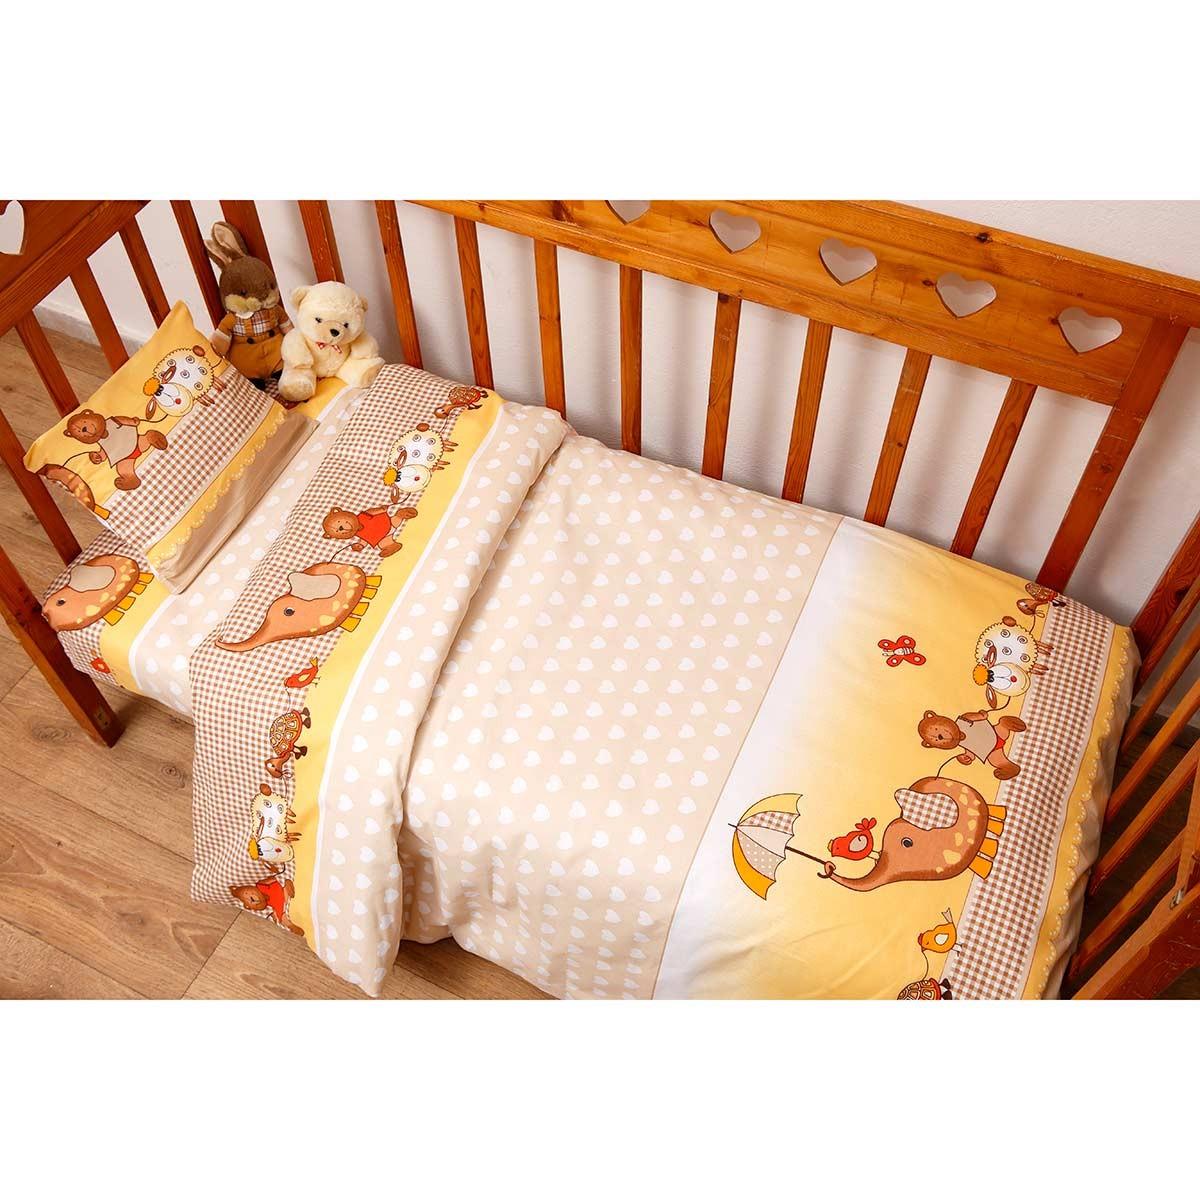 Πάπλωμα Κούνιας (Σετ) Viopros Baby Cotton Χάρι